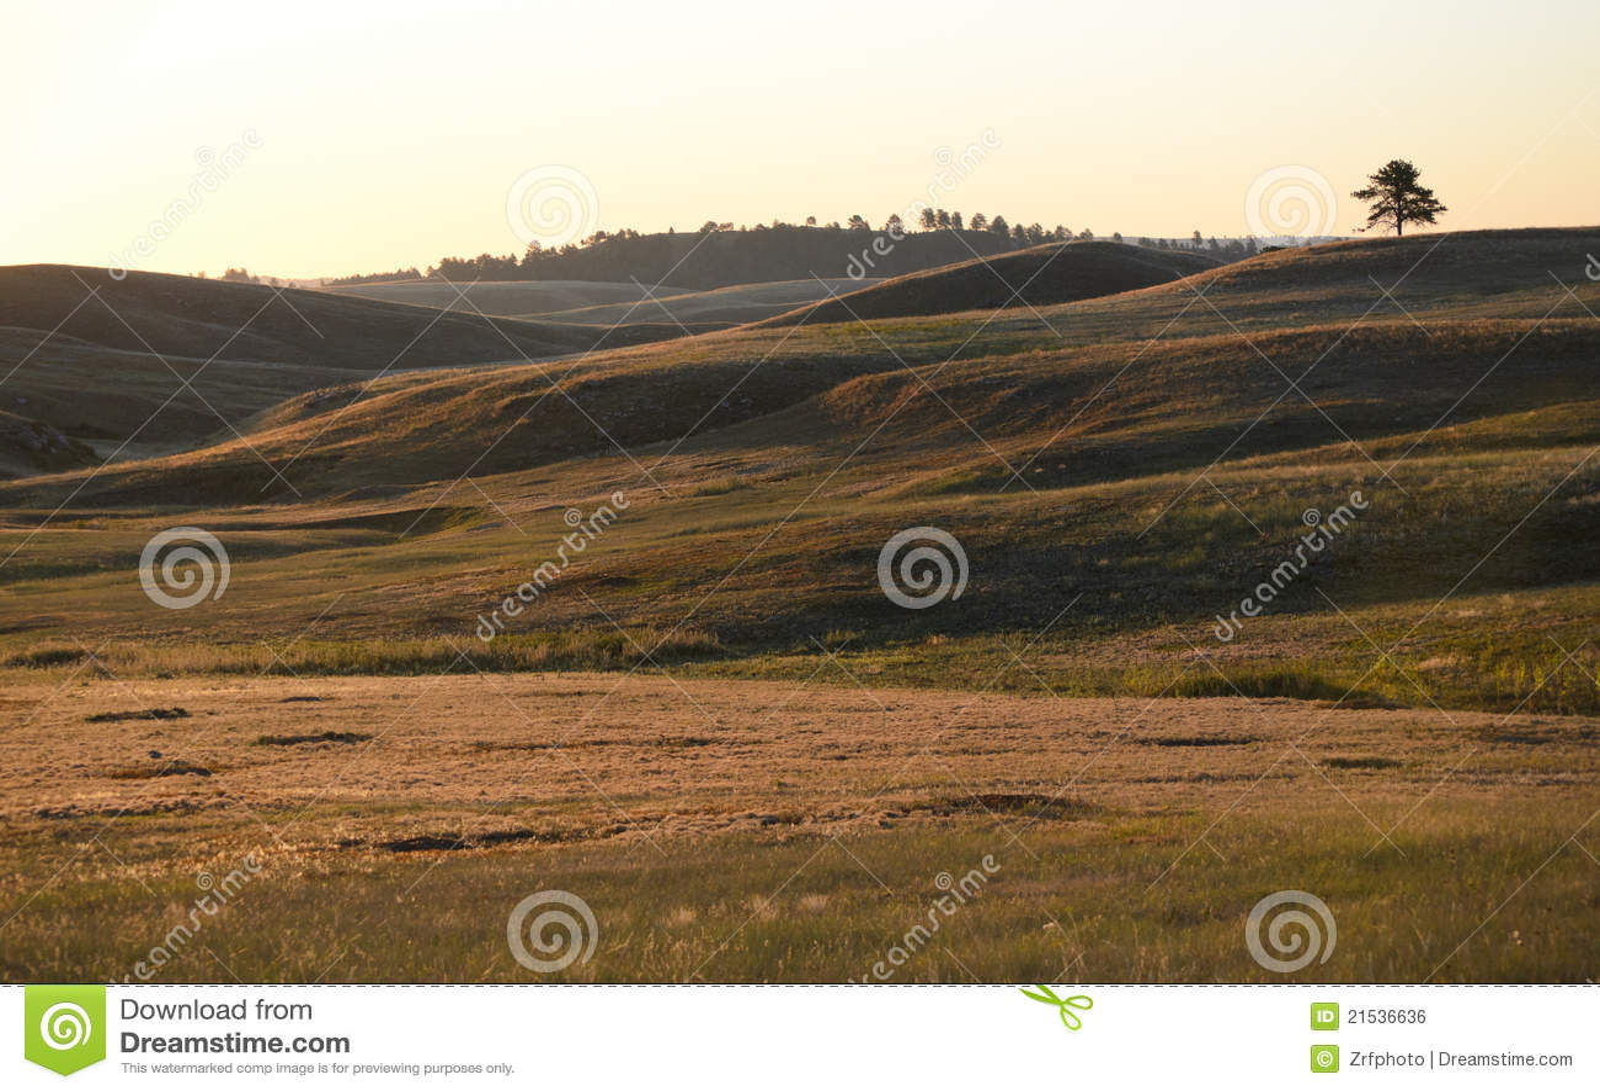 Wzgórza preryjni